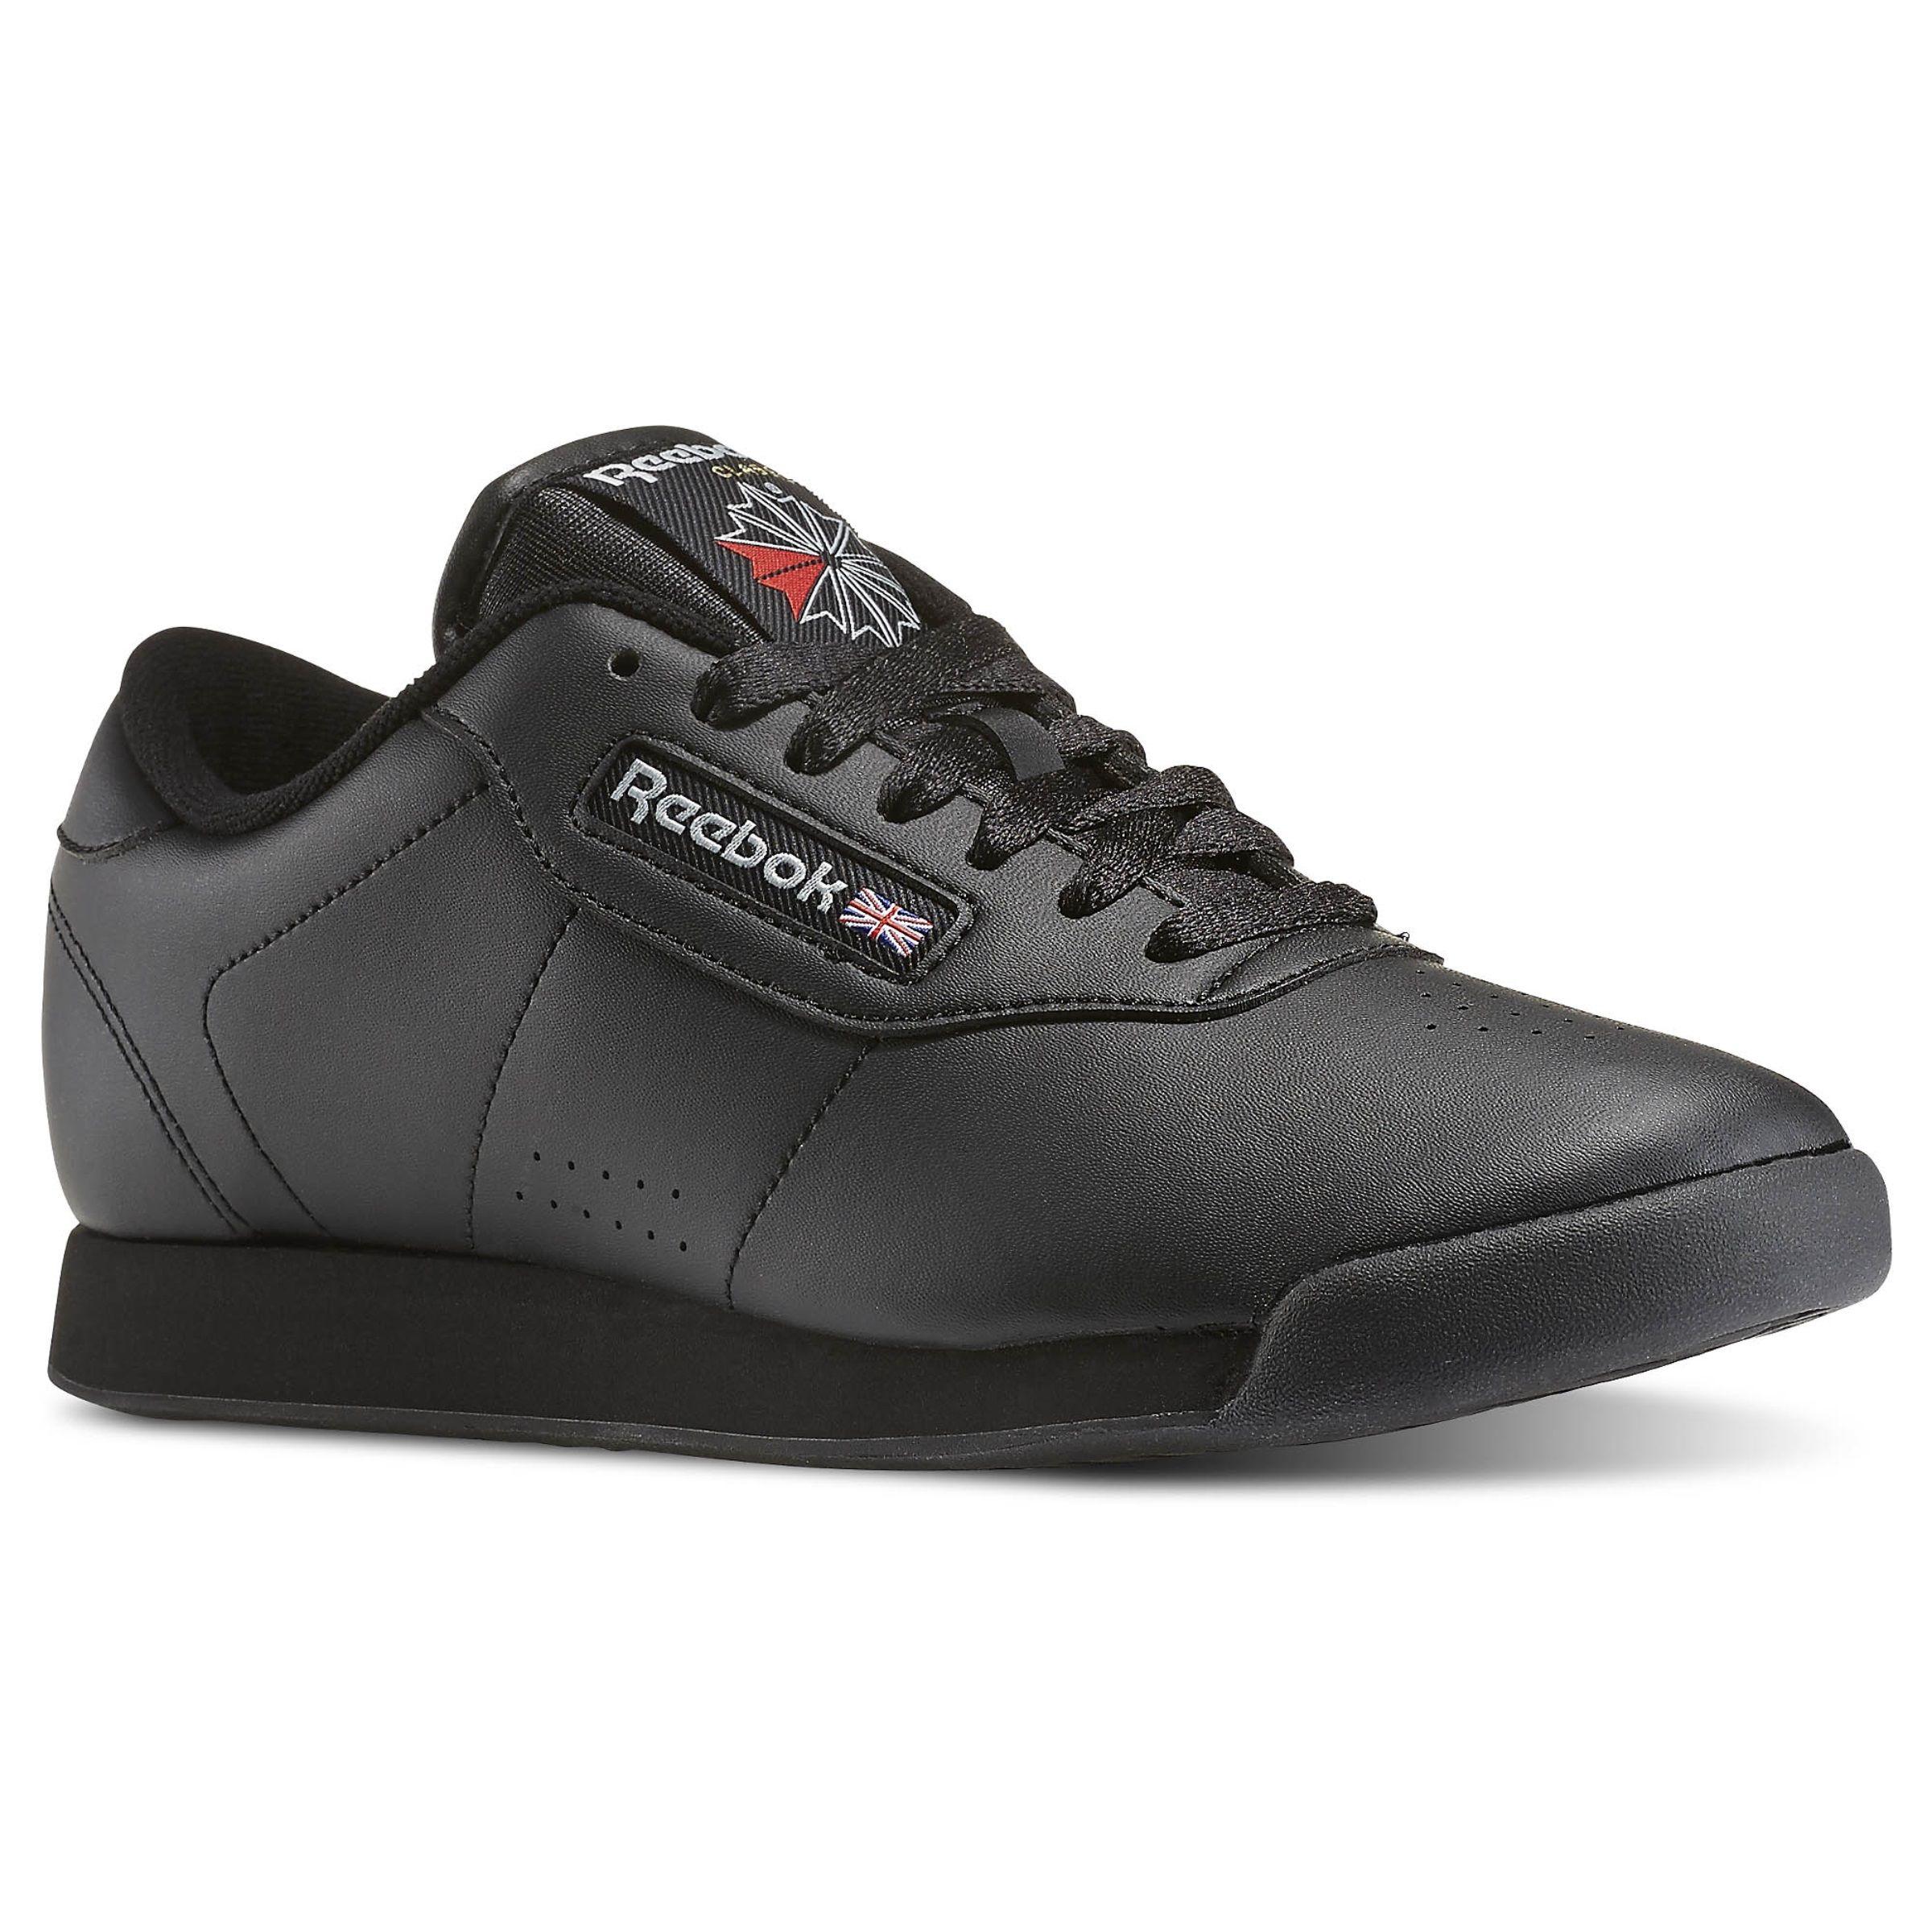 Reebok Shoes Women's Princess in Black Size 5 Lifestyle